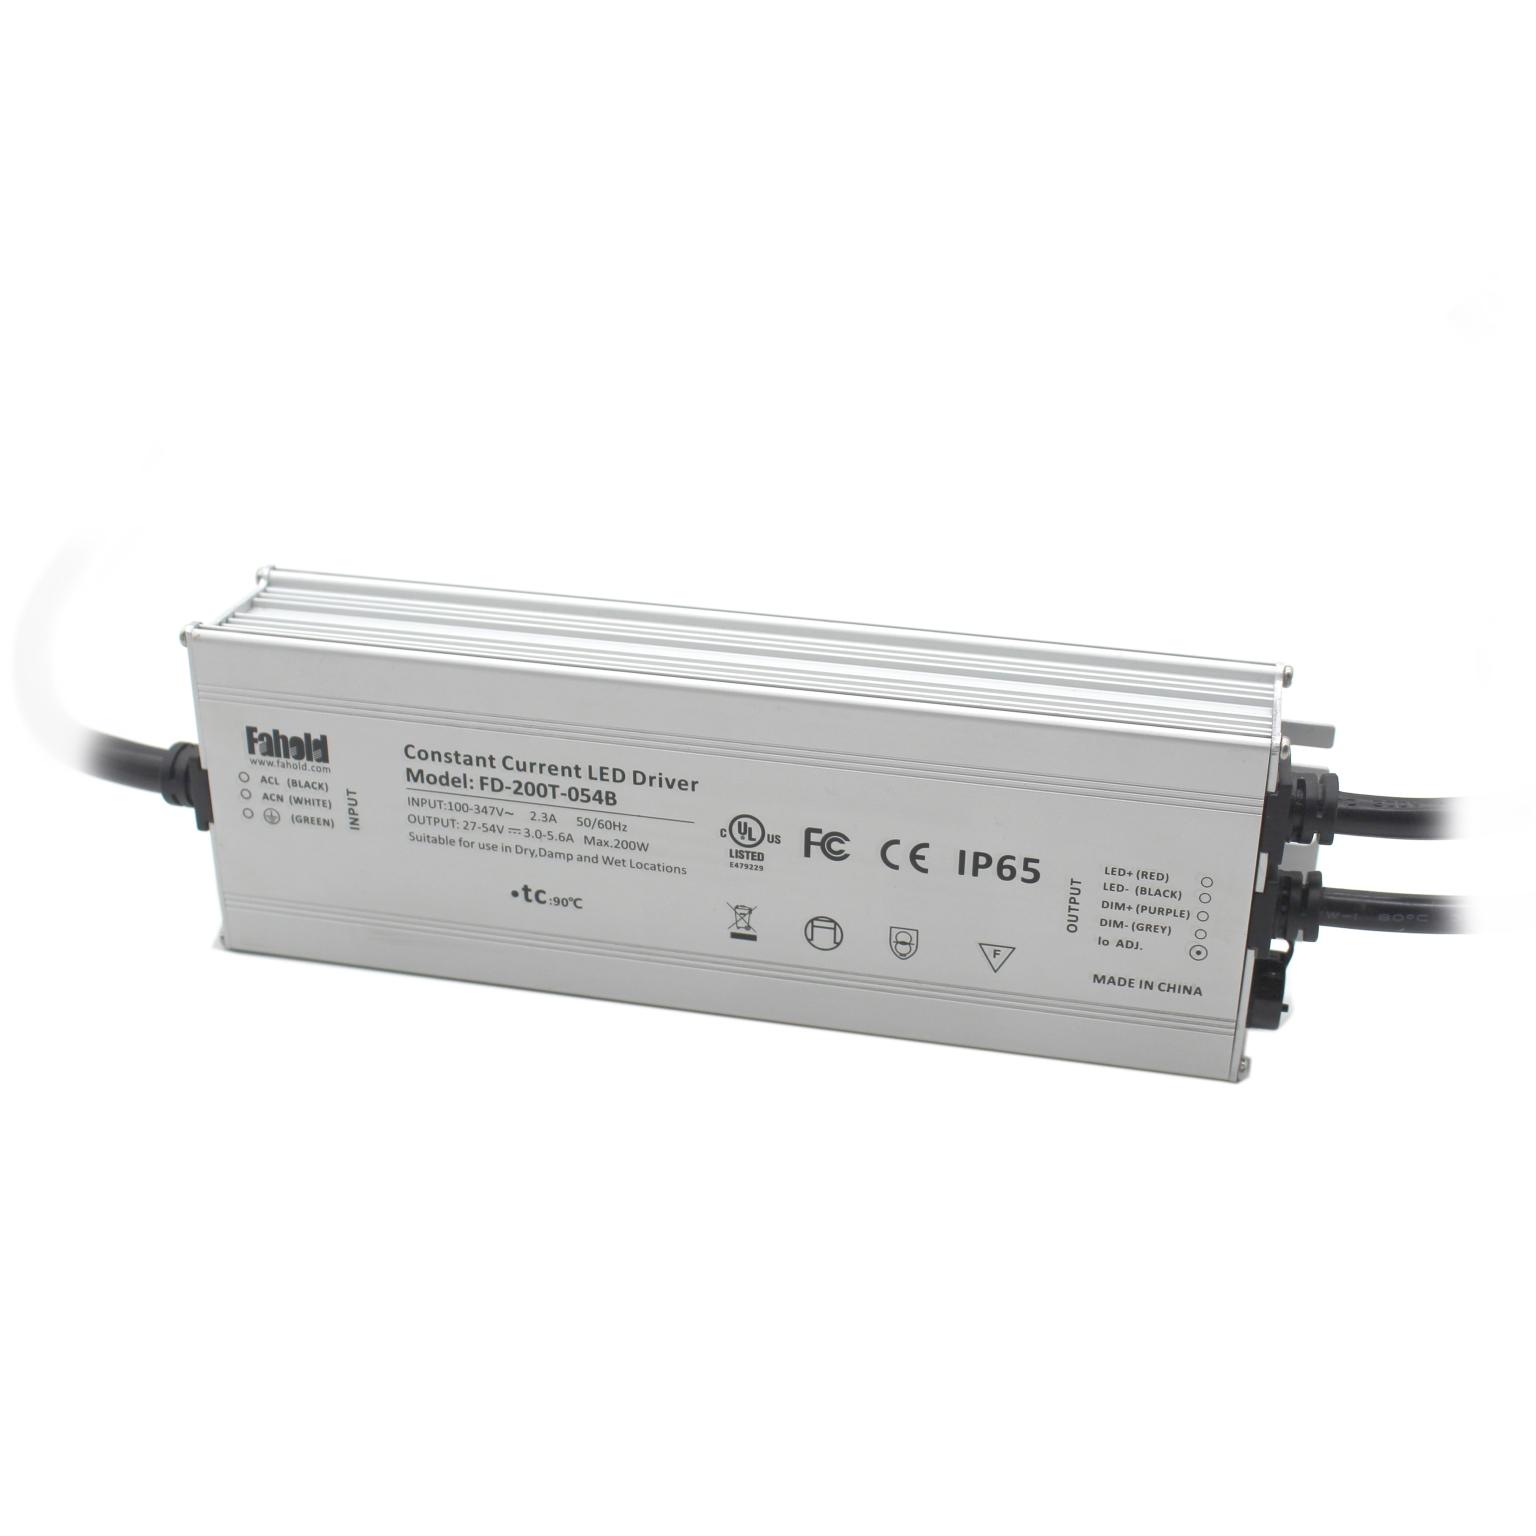 FD-200T-054B 200W